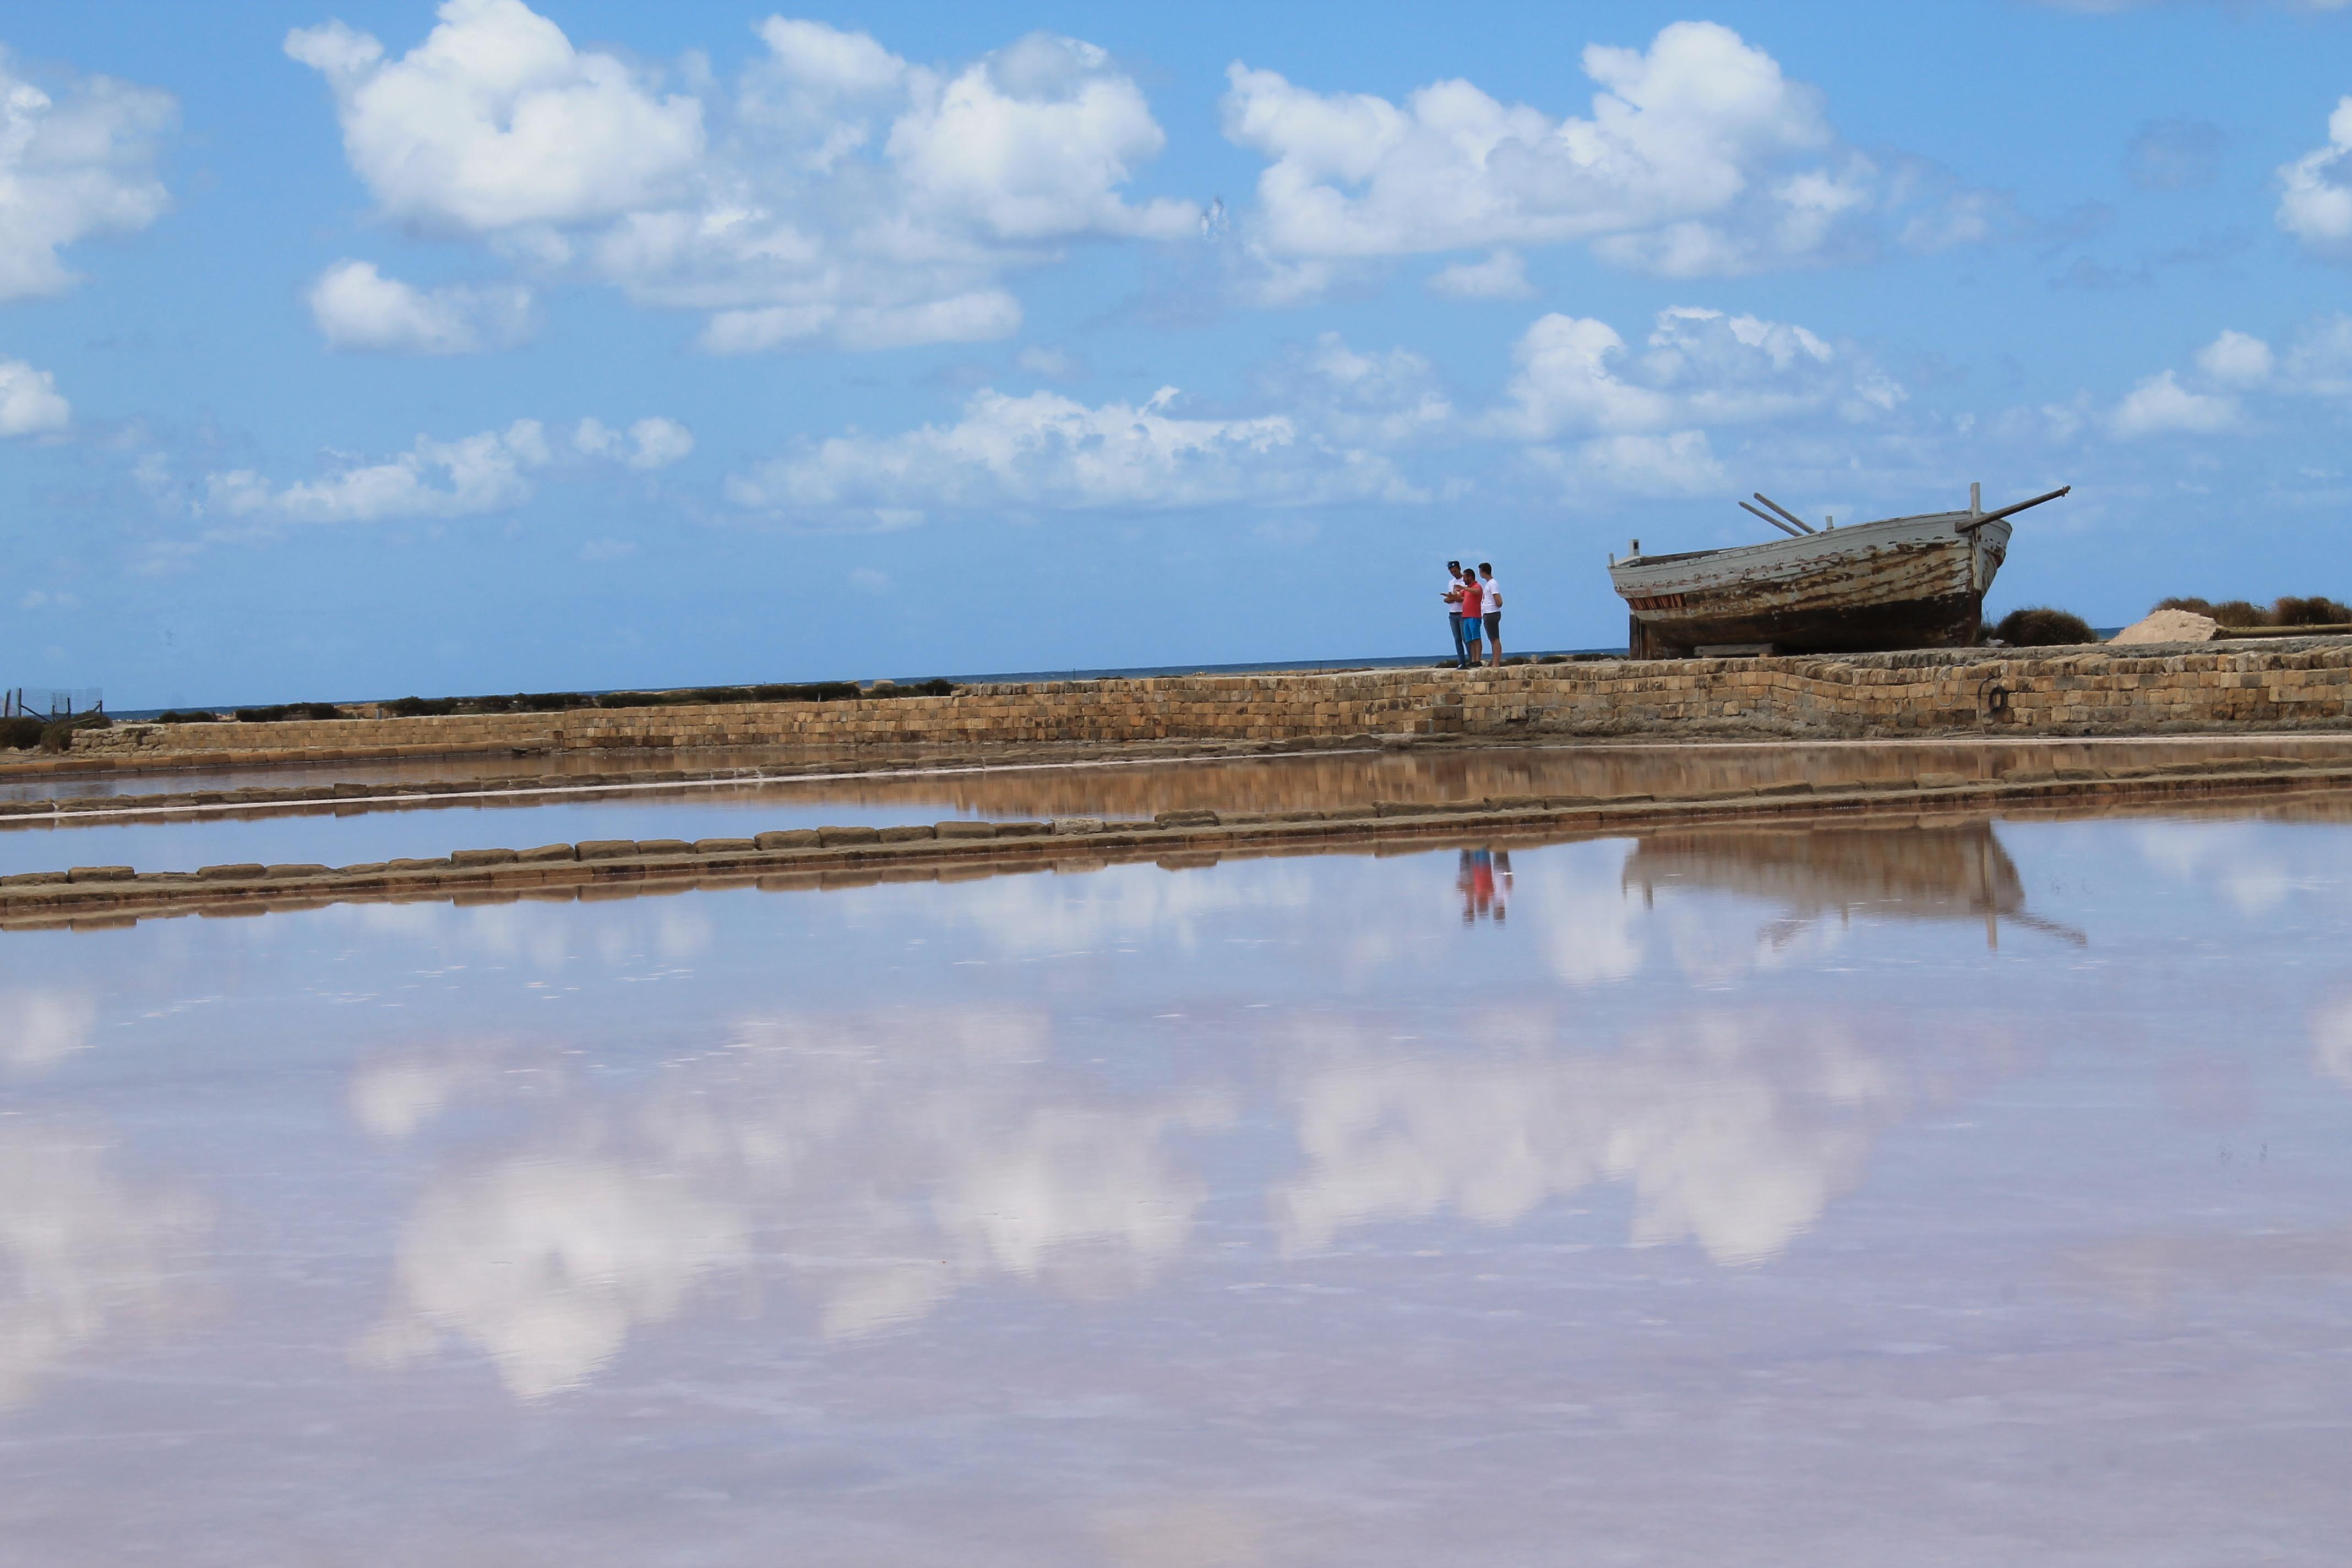 Saliny w Trapani, odbicie w wodzie, riflesso in acqua, niebo styka się z ziemią, saline di Trapani, sól morska, sale marino, Trapani, Saline di Nubia, Saliny w Nubii, Trapani, Sycylia, Sicilia